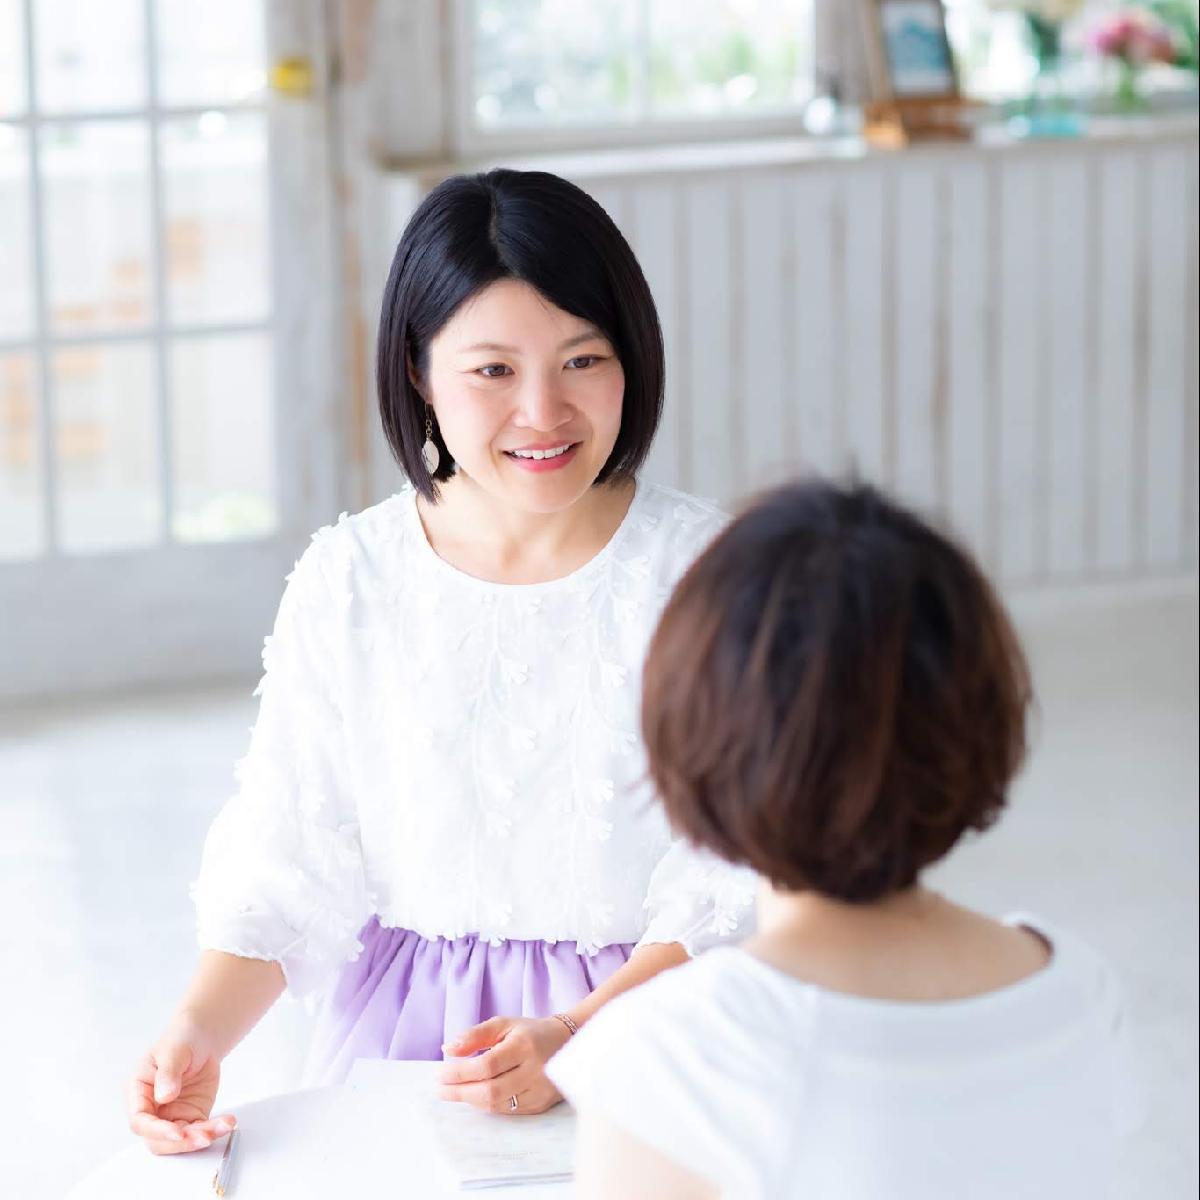 ◆◆妊婦さん、妊娠したい方向け◆◆オンライン助産師相談